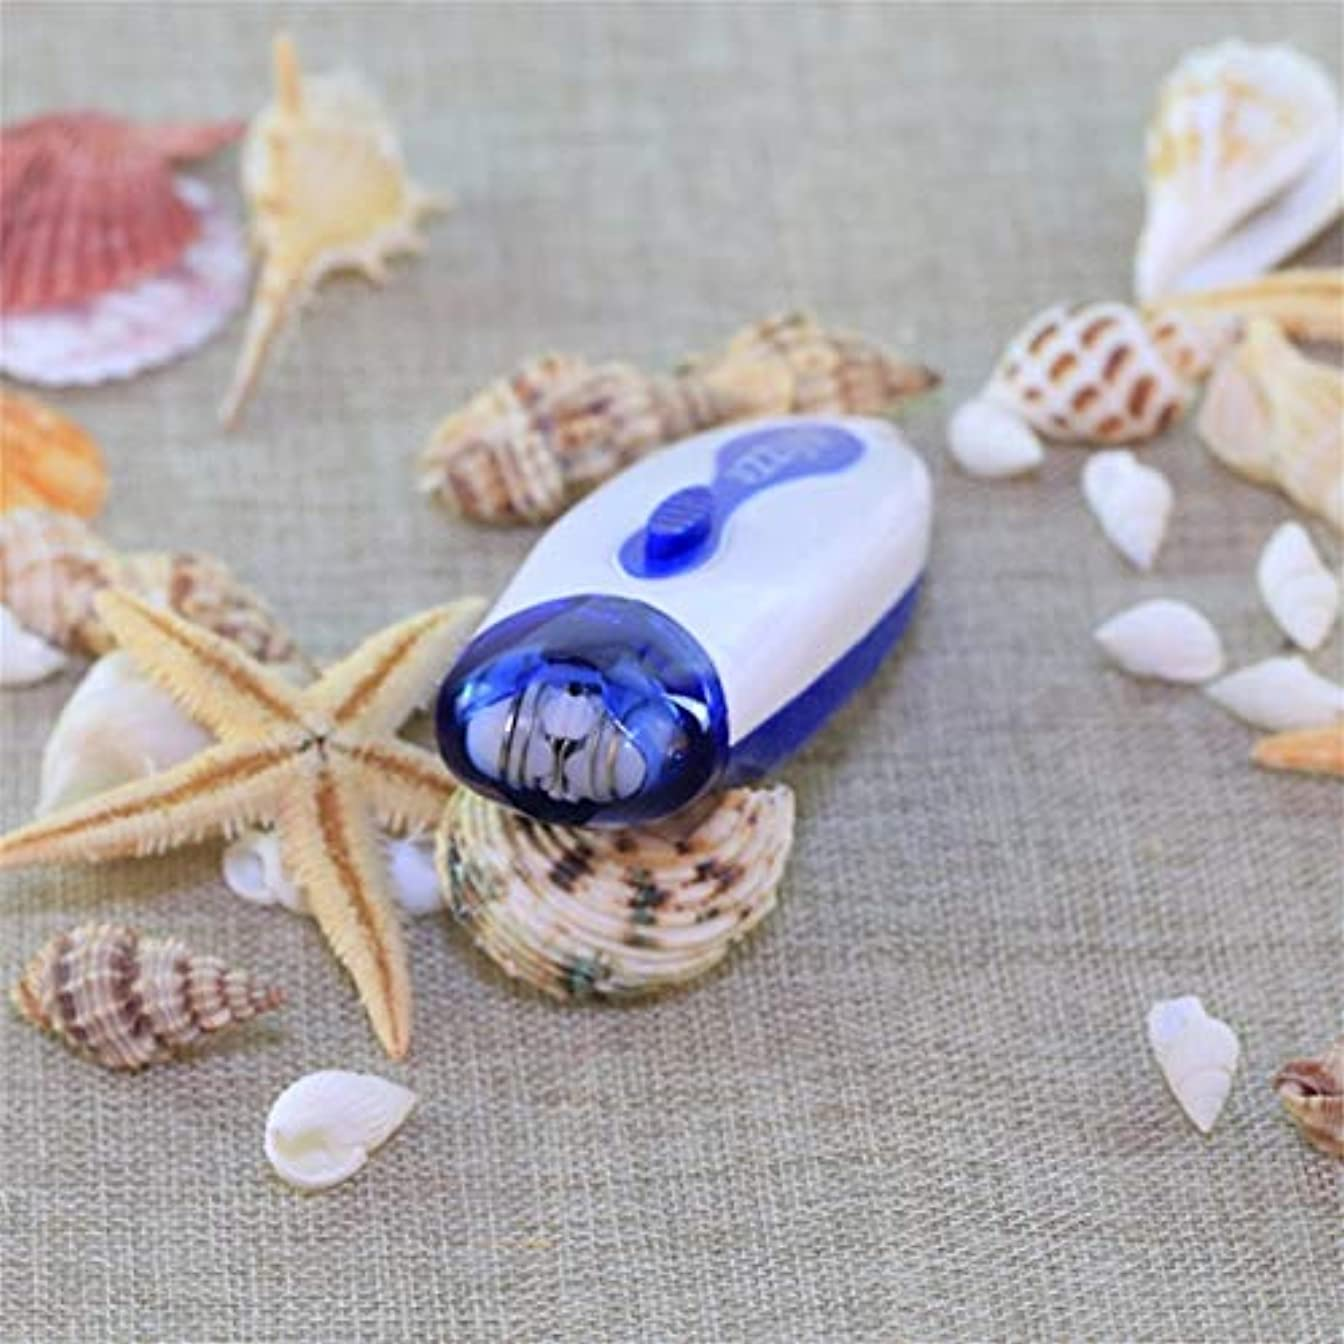 誘惑する敵対的修正Wizzit Electric Epilator Hair Shaving Device Tweezers Hair Removal Epilator Remover Depilating Machine Tool